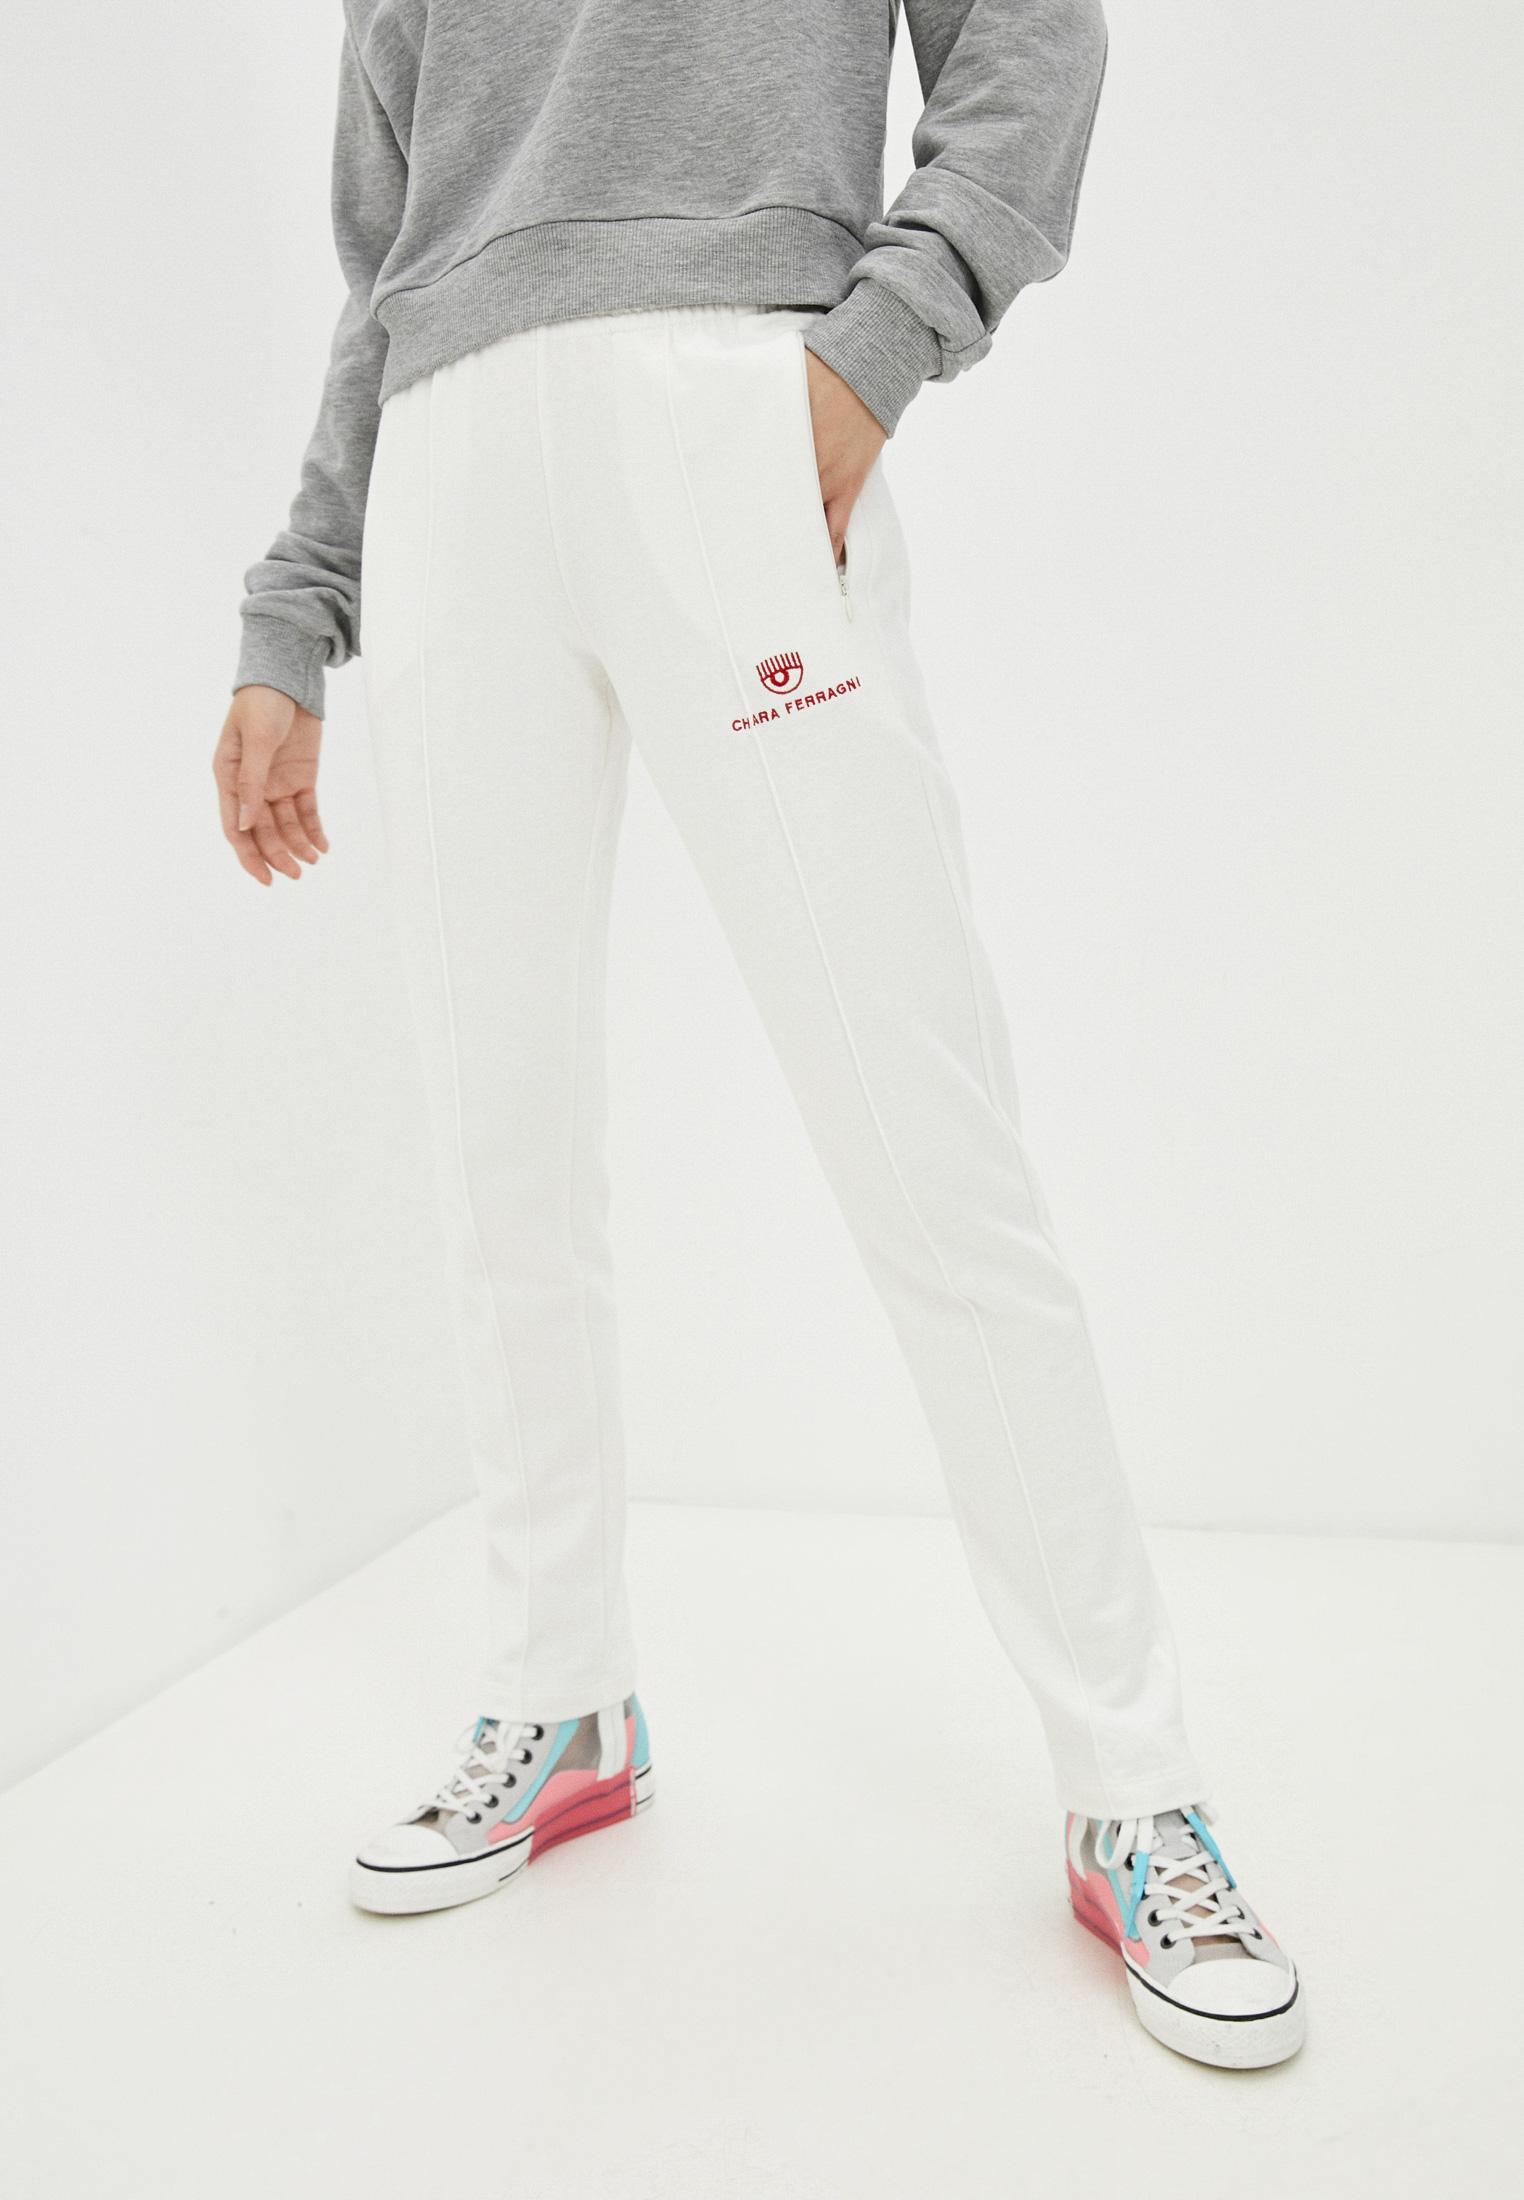 Женские спортивные брюки Chiara Ferragni Брюки спортивные Chiara Ferragni